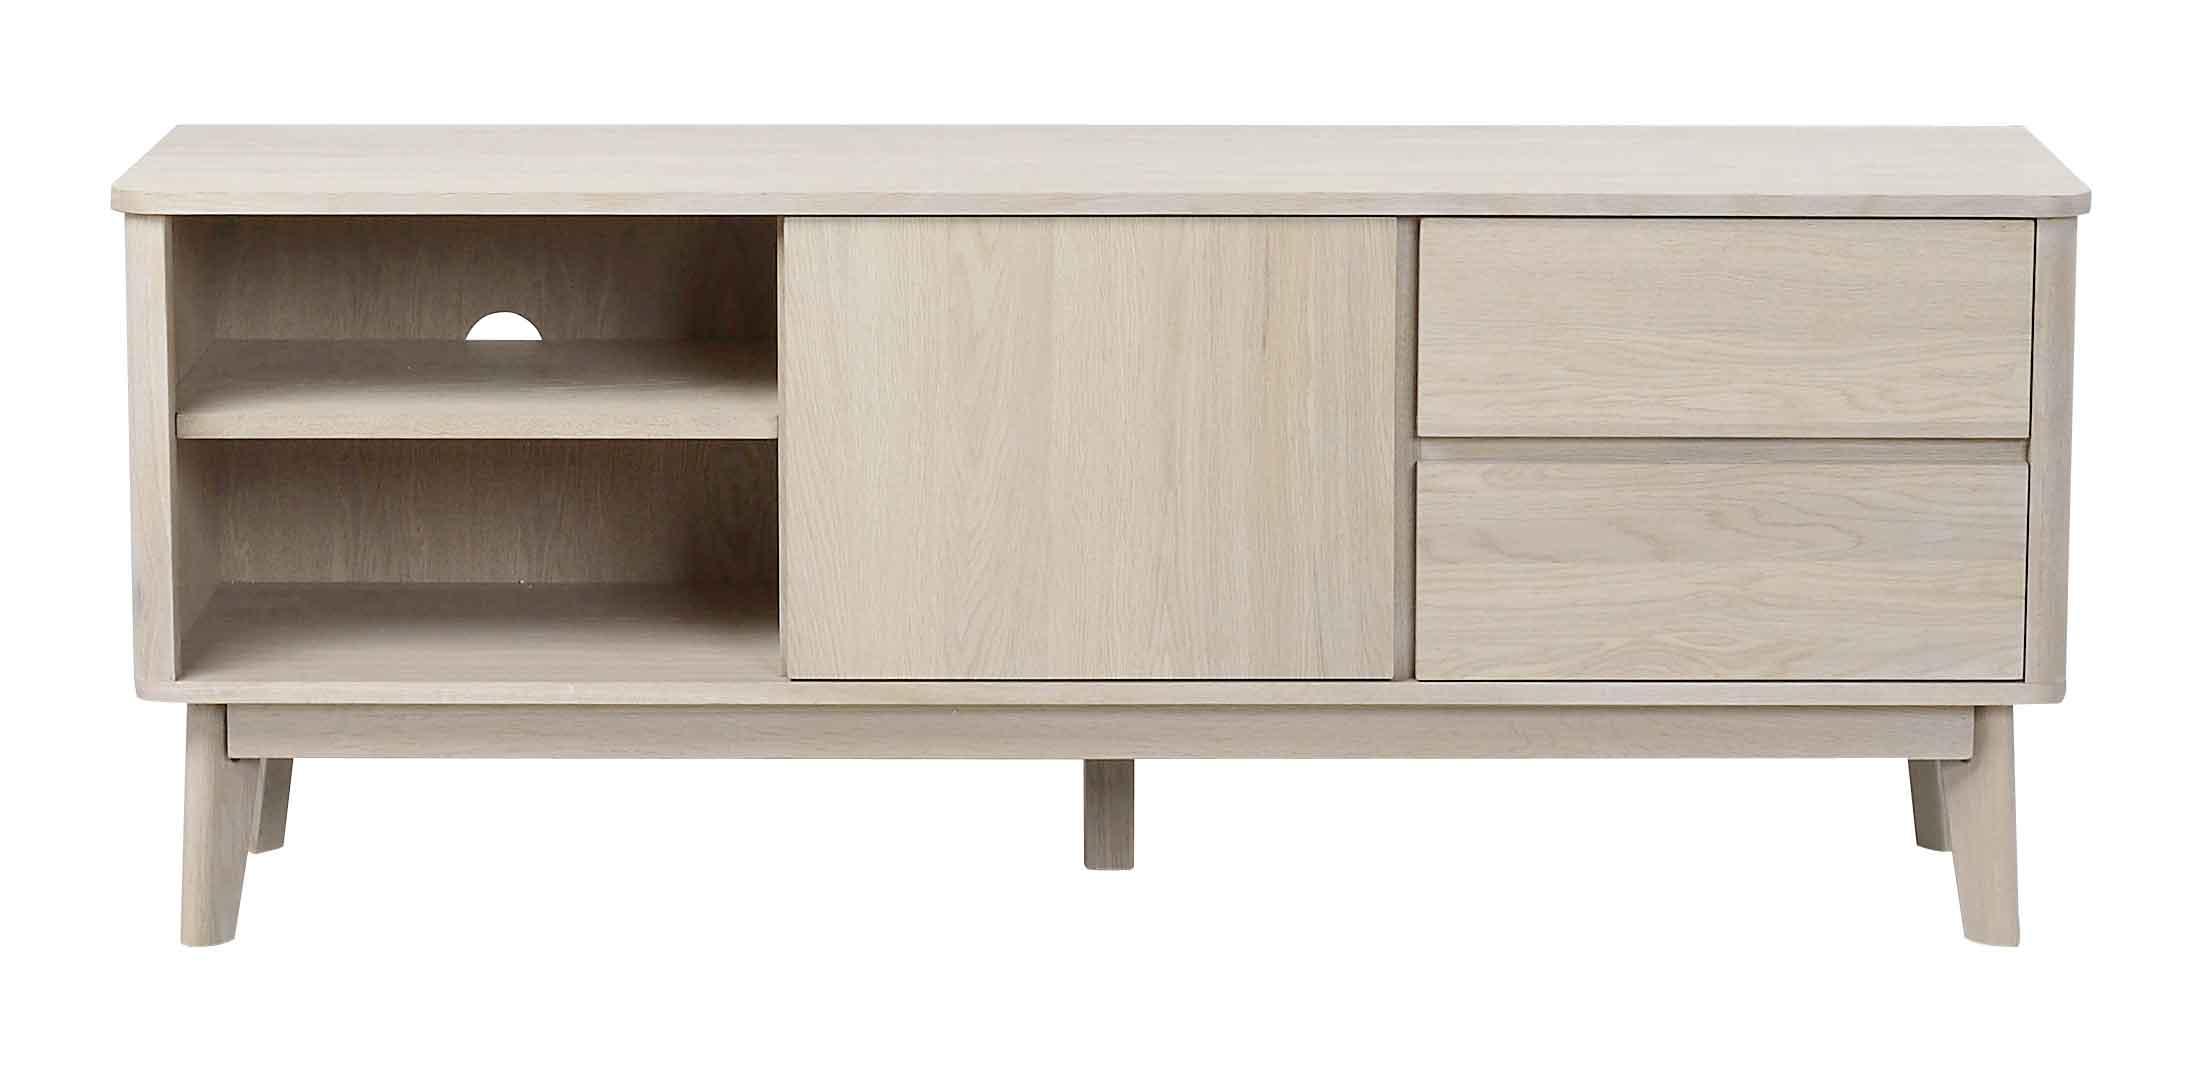 Billede af Yumi TV-bord - Hvidpigmenteret egetræ 2 skuffer/2 hylder/1 låge